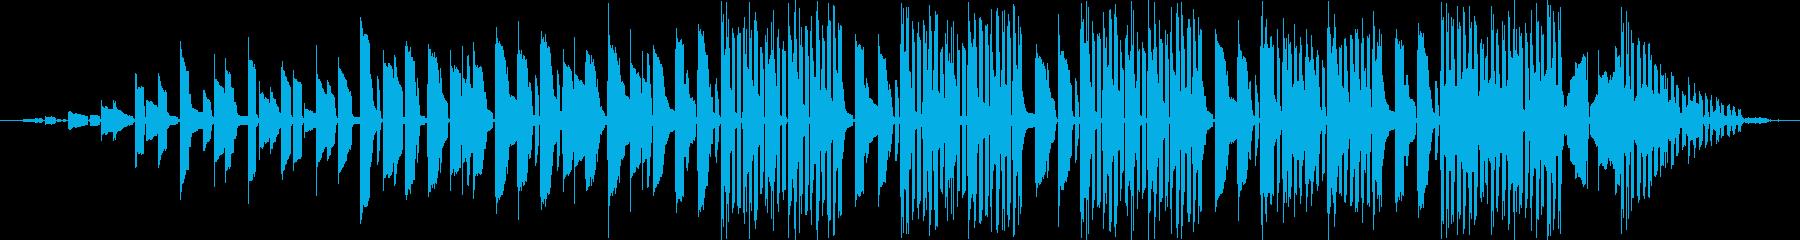 催眠的なエレクトロアンビエントディ...の再生済みの波形